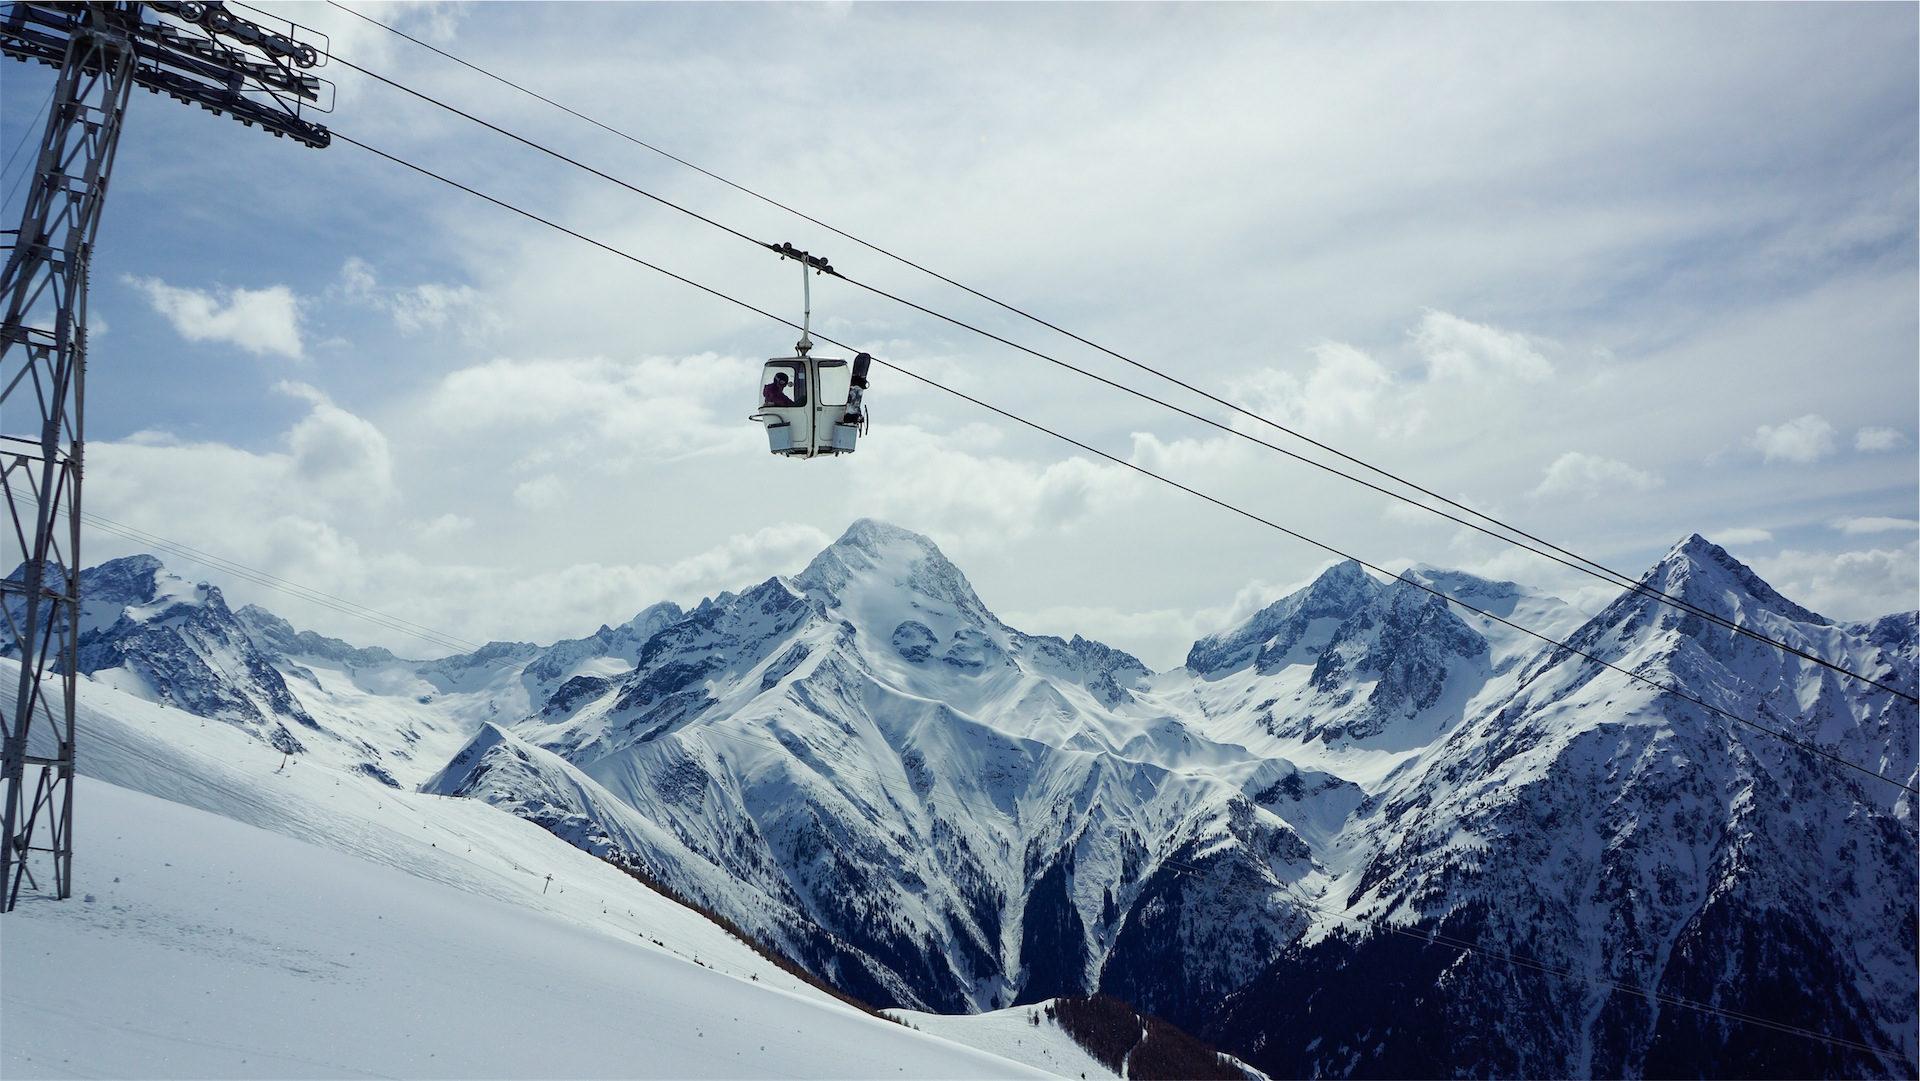 केबल कार, पहाड़, बर्फ, पिज्जा, शीतकालीन - HD वॉलपेपर - प्रोफेसर-falken.com